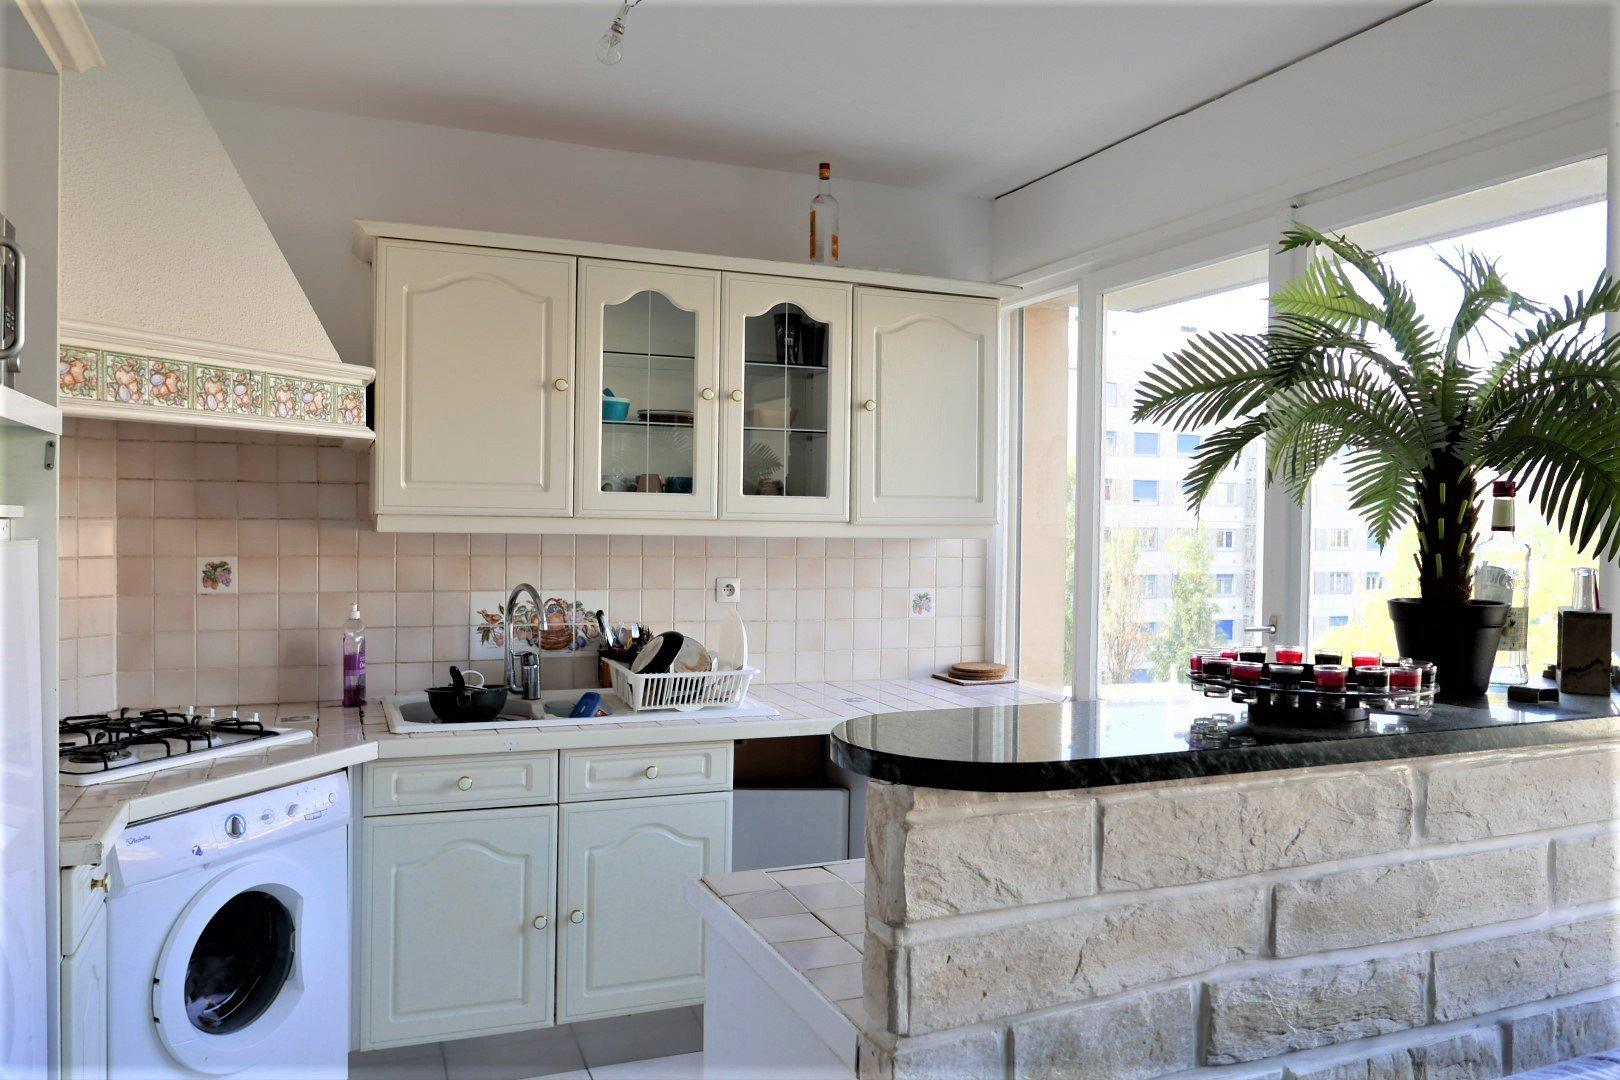 Achat Appartement Surface de 34.7 m², 2 pièces, Villeurbanne (69100)